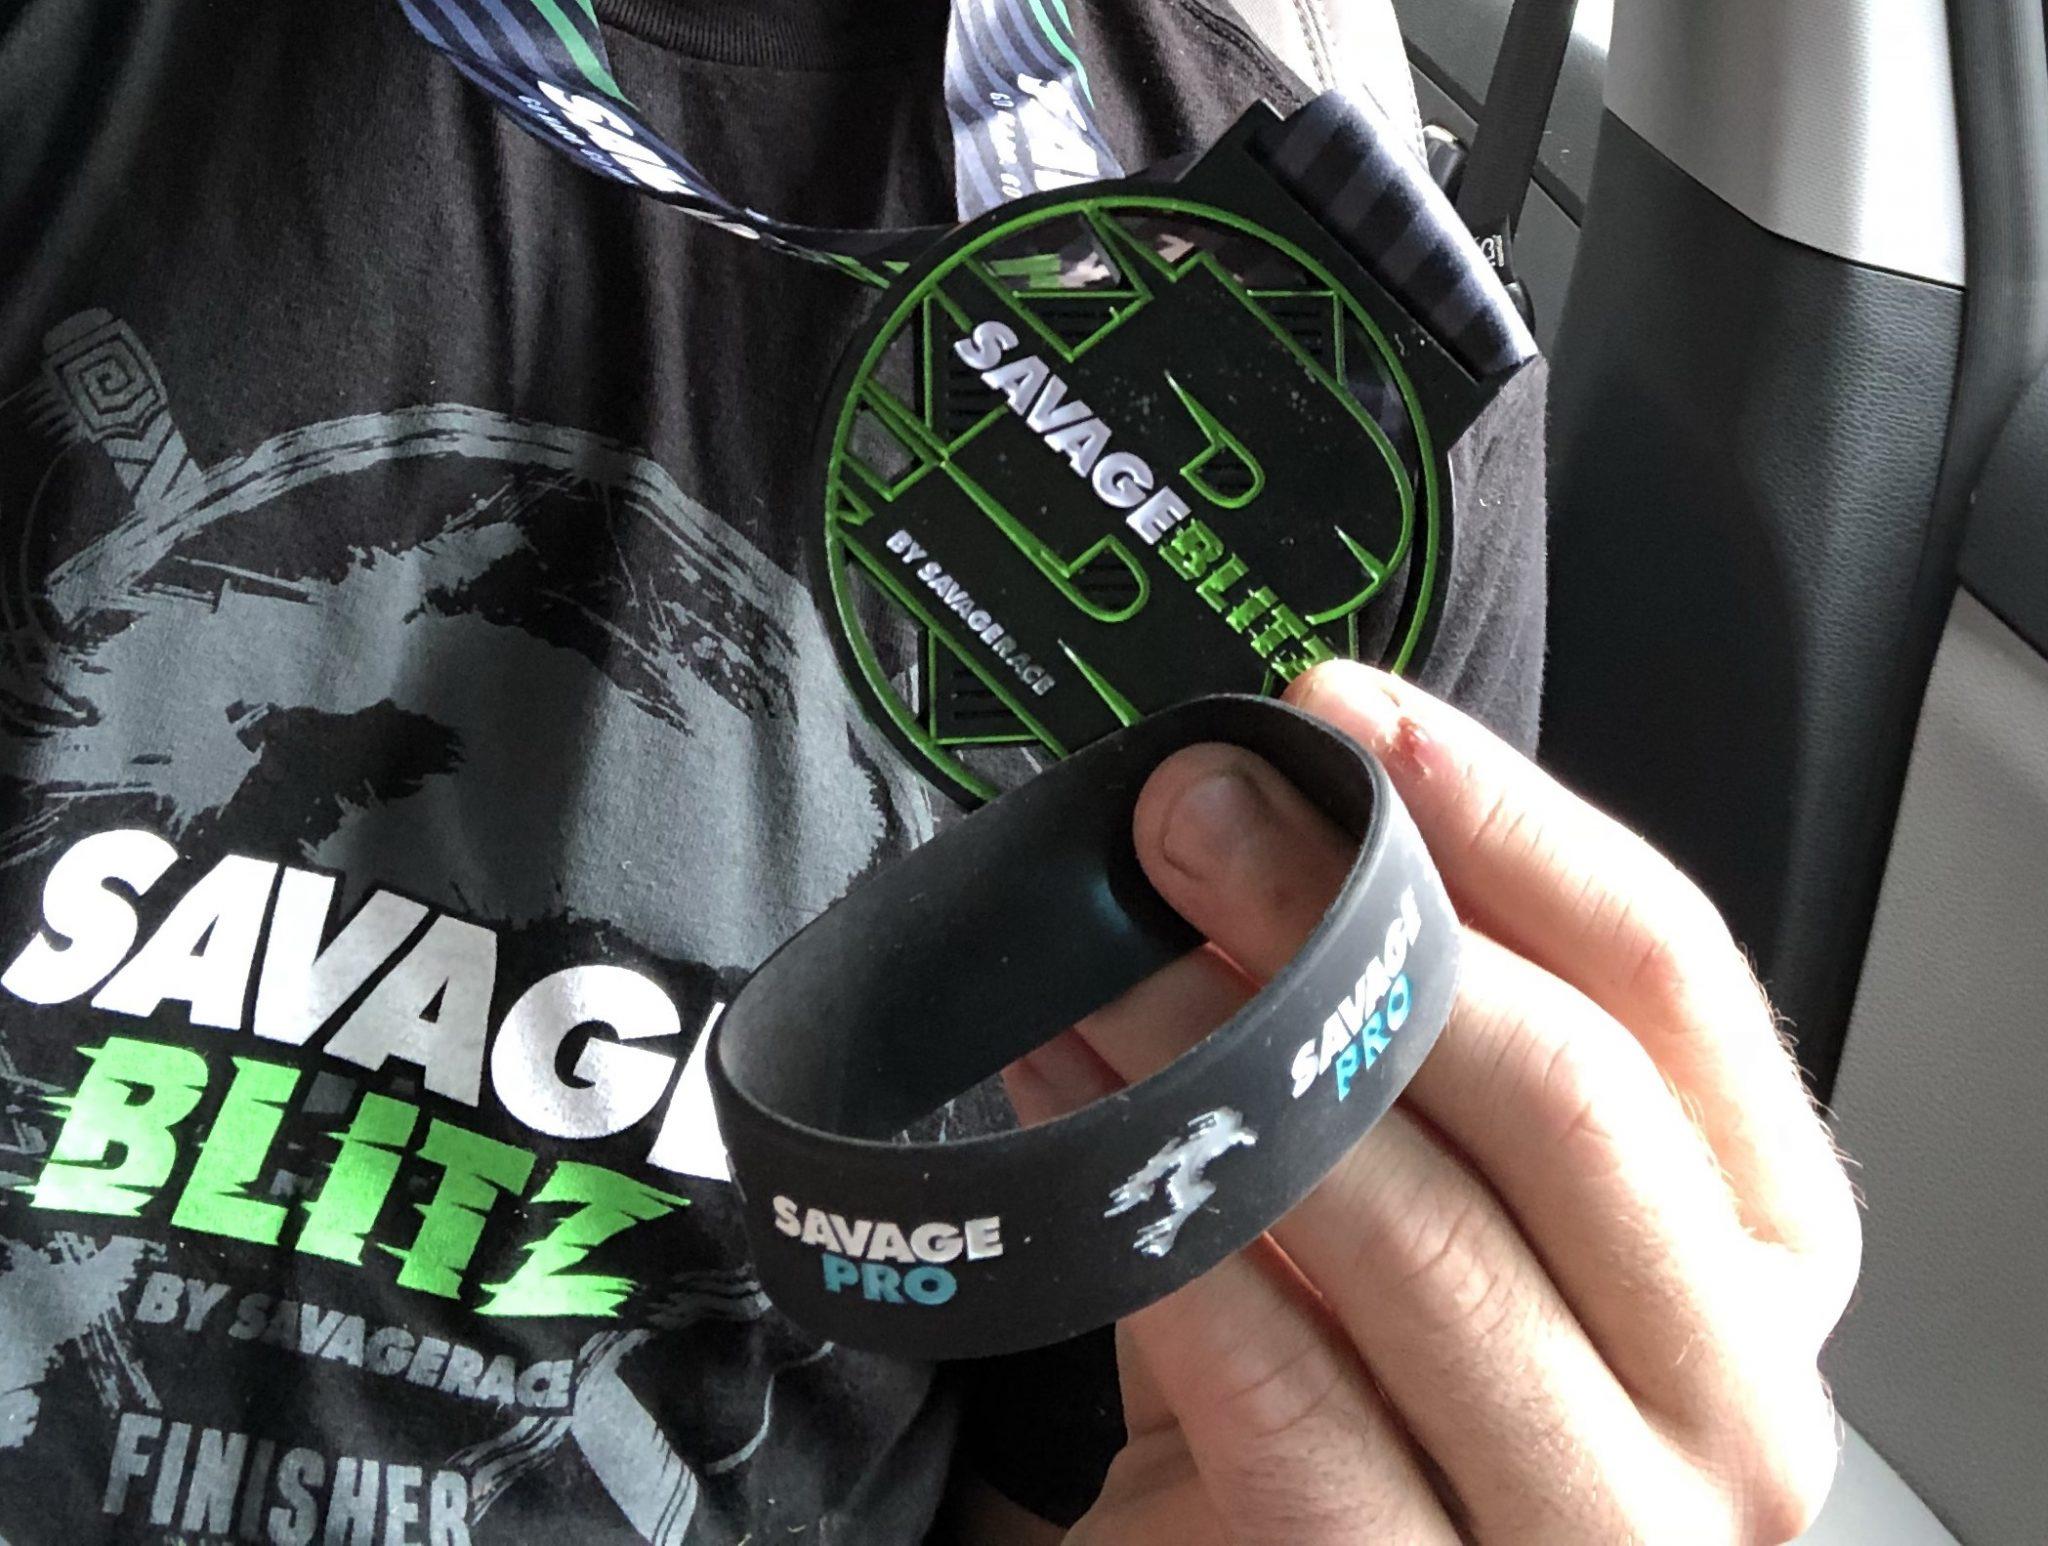 Savage-Blitz-Bling